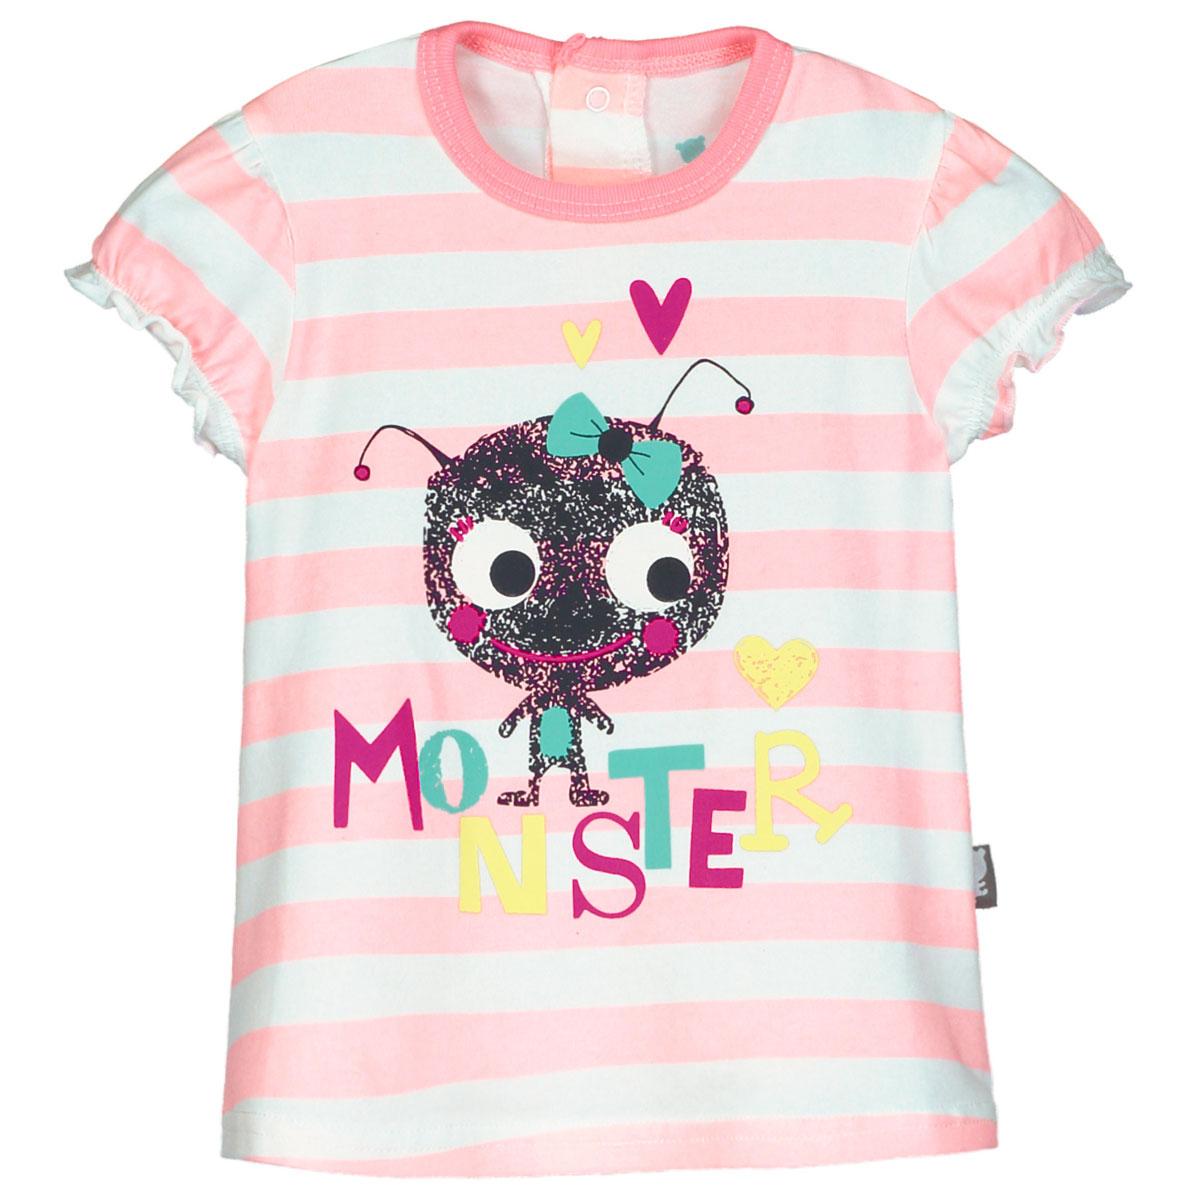 Ensemble t-shirt et pantalon bébé fille Monster